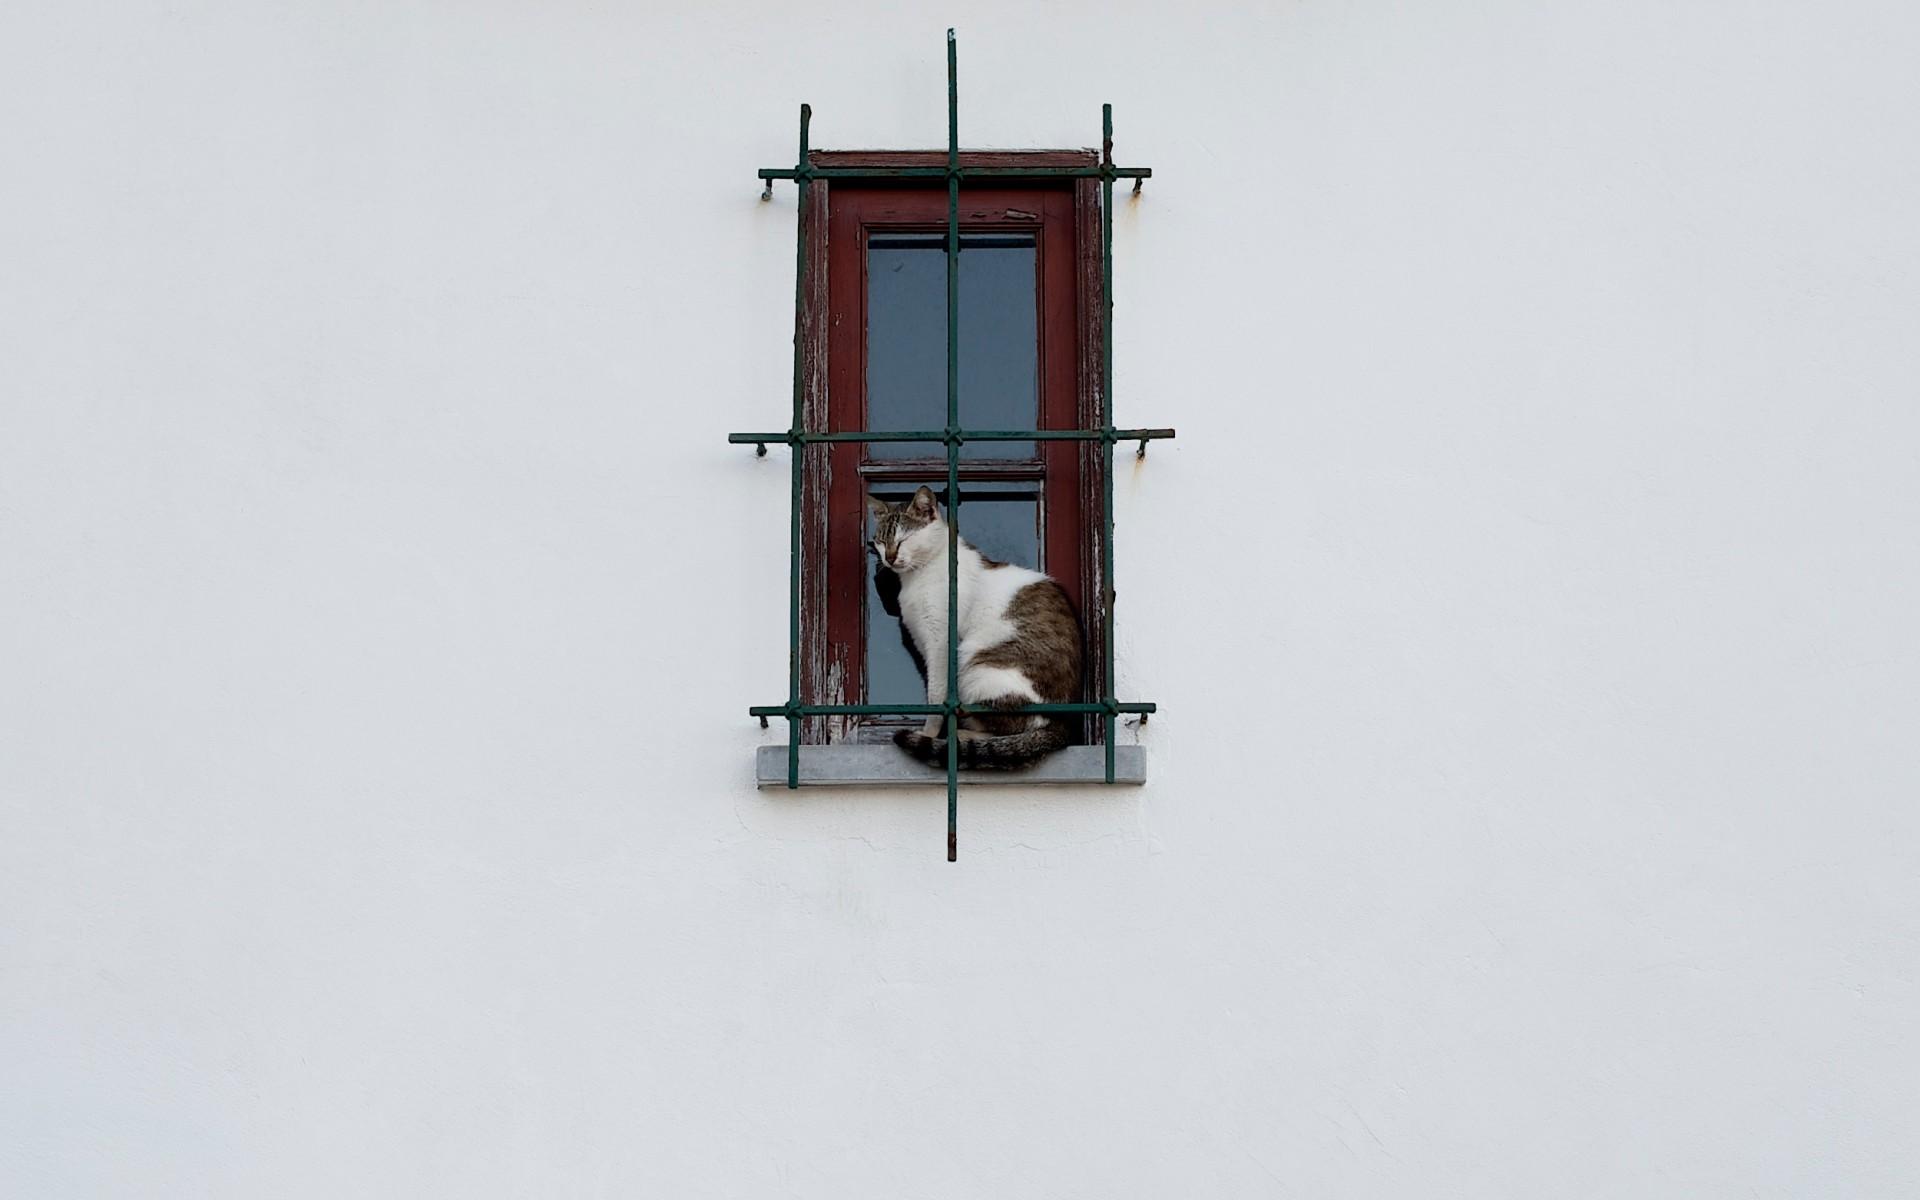 Desktop Wallpaper 191 – Gatto sulla finestra